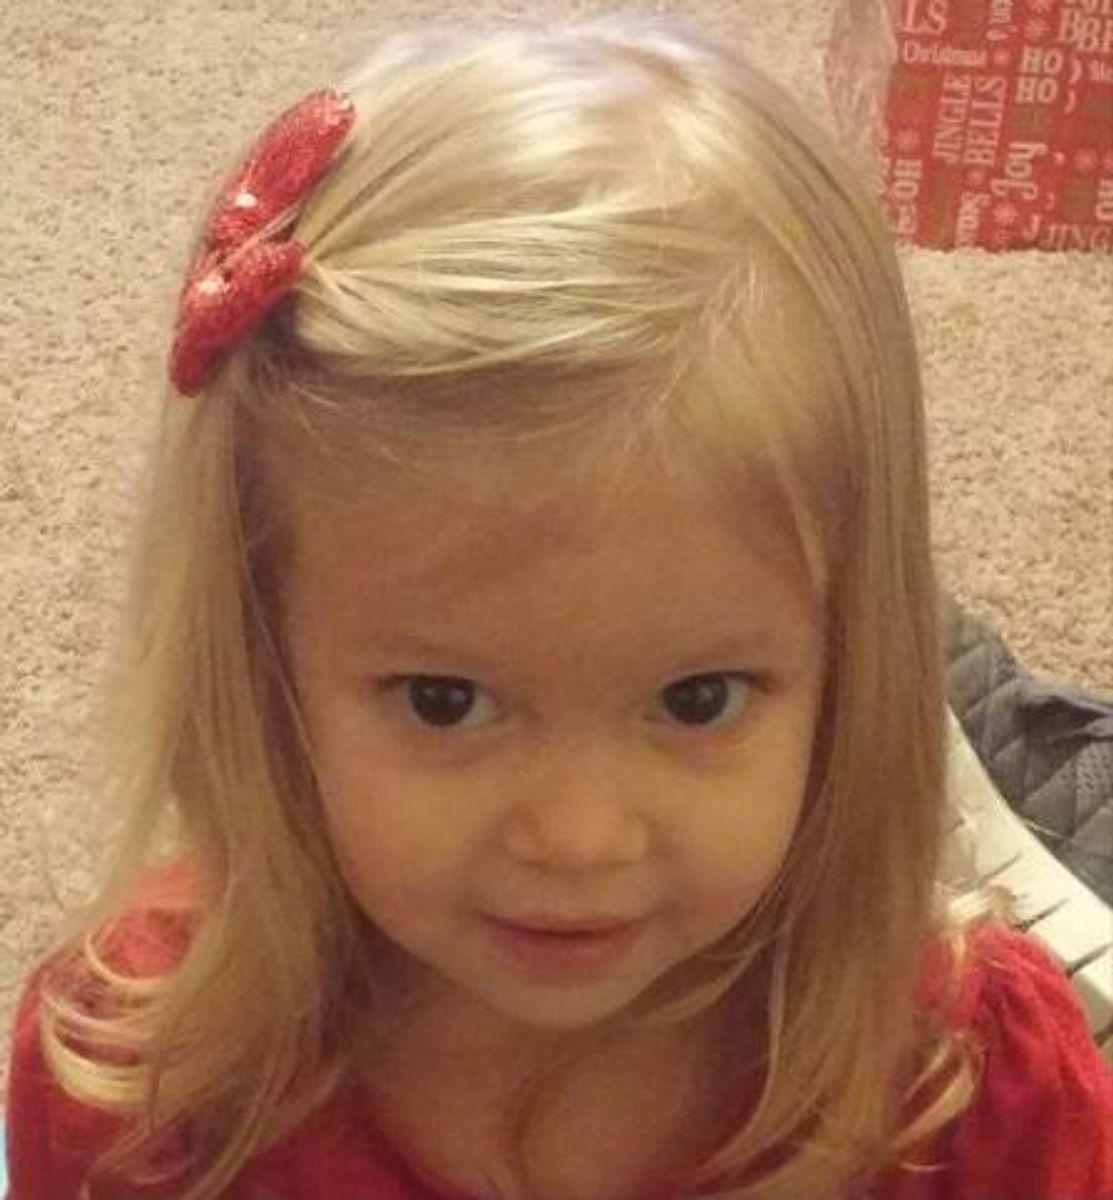 Den to-årige Brianna Florer døde kort efter jul efter forgiftning fra nogle små batterier, hun havde spist. Da ambulancen kom, kastede hun blod op og var helt blå på kroppen. Se hvilke batterier den to-årige slugte på næste billede. Foto: gofundme.